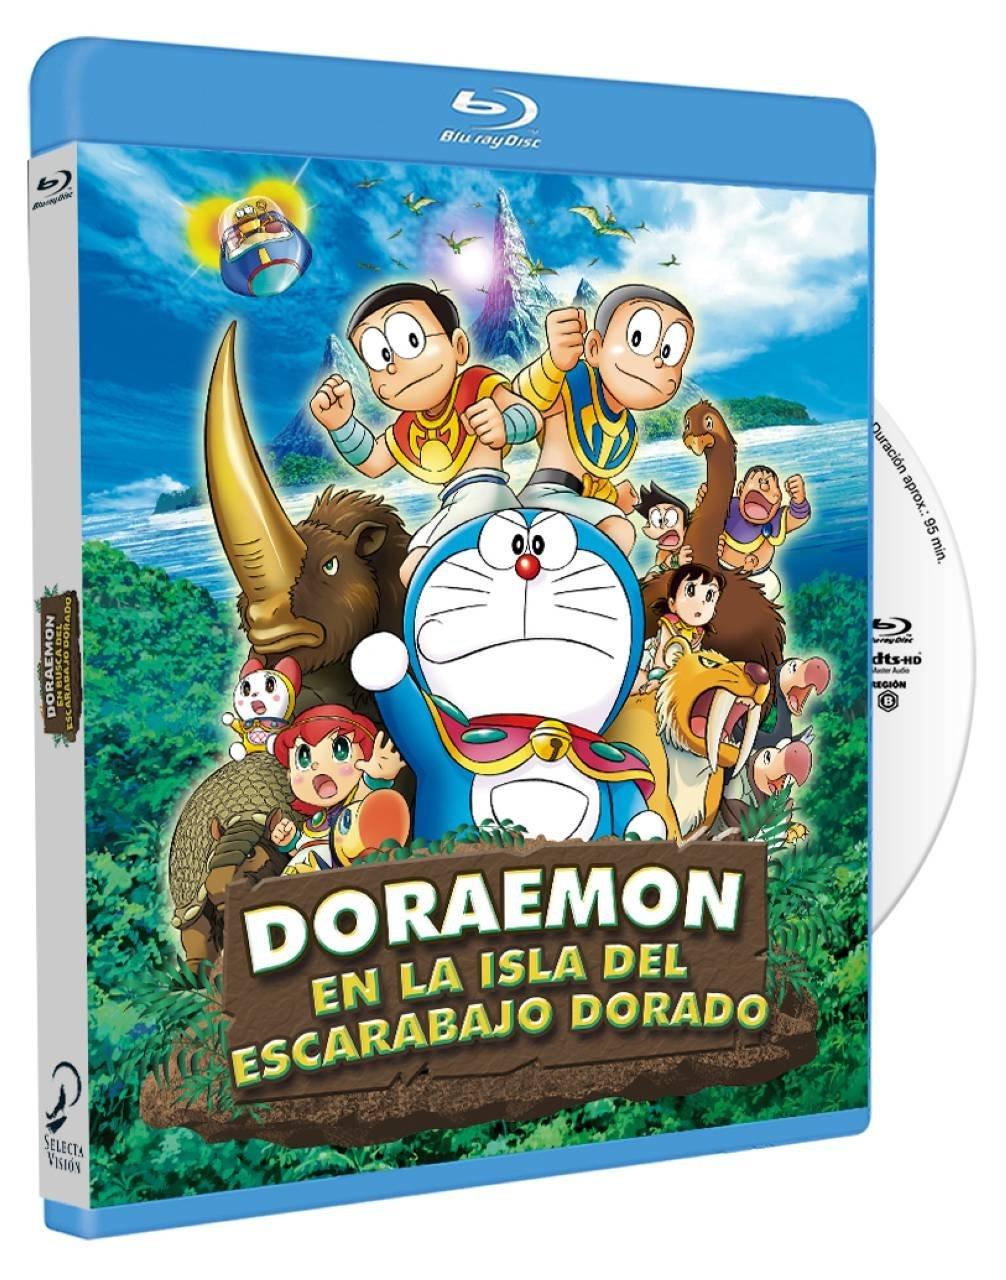 doraemon_en_busca_del_escarabajo_dorado